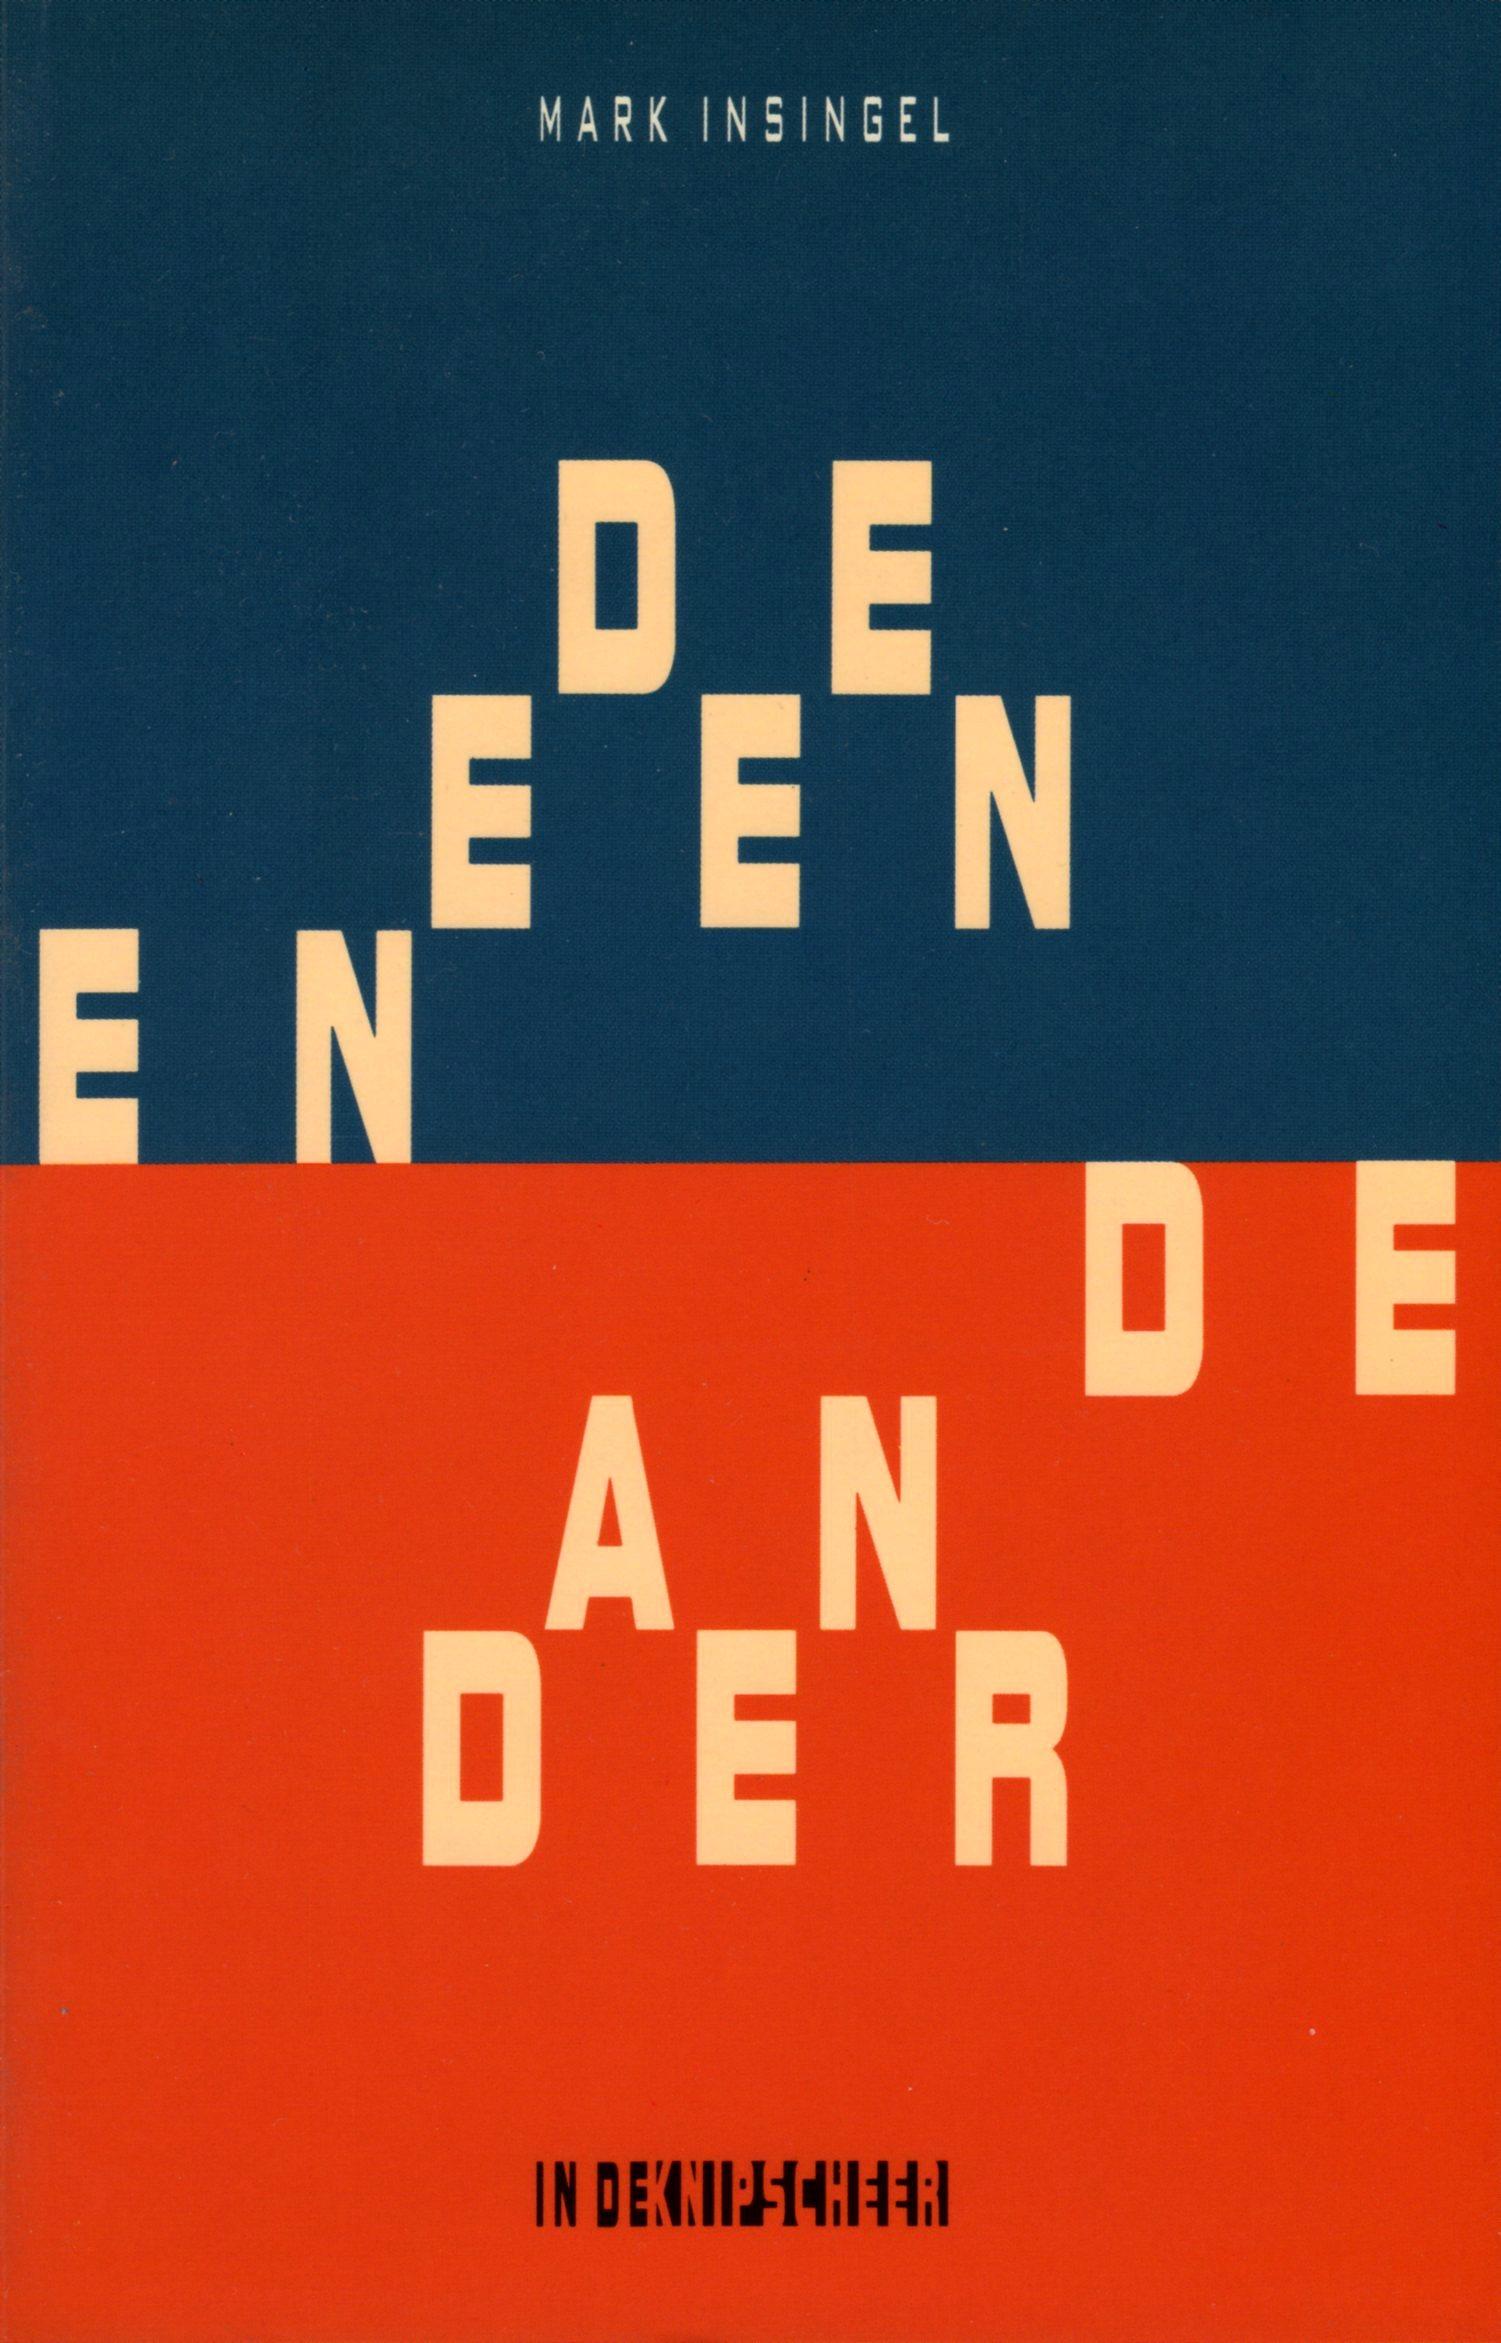 uitgeverij augustus amsterdam